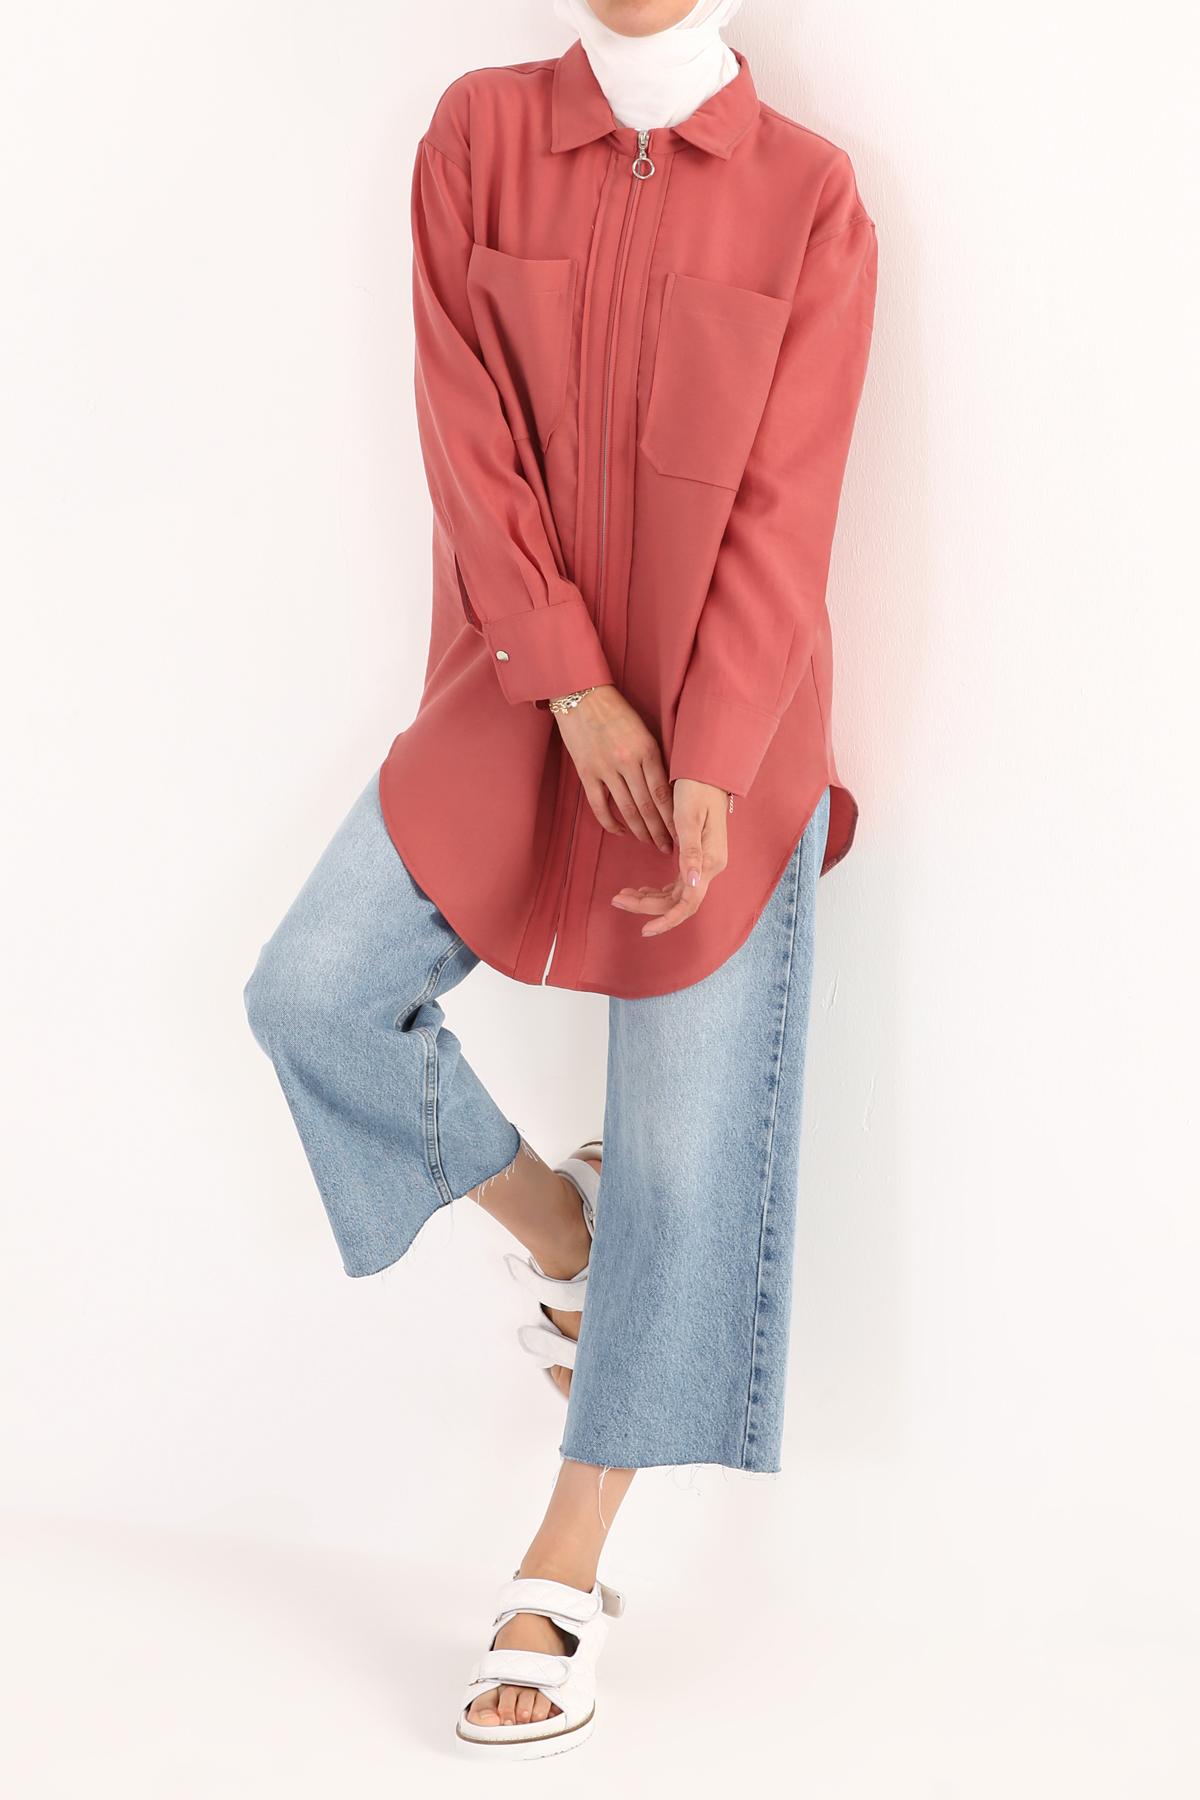 Flap Pocket Zipper Front Comfy Tencel Jacket